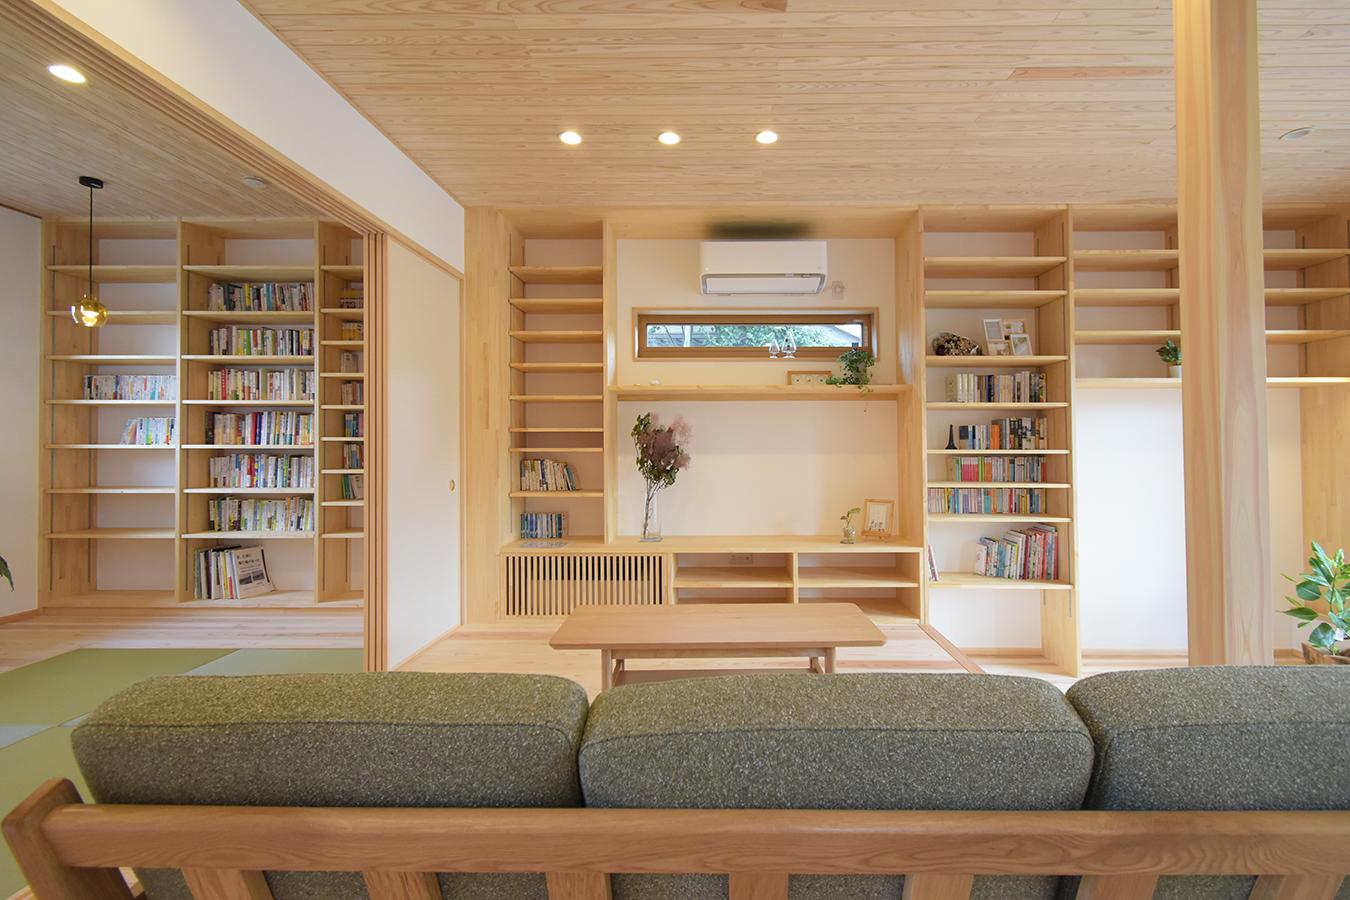 本好きにはたまらない 和室からリビングまで壁面いっぱいの本棚 ソファに座って眺めているだけでも至福の時間になる